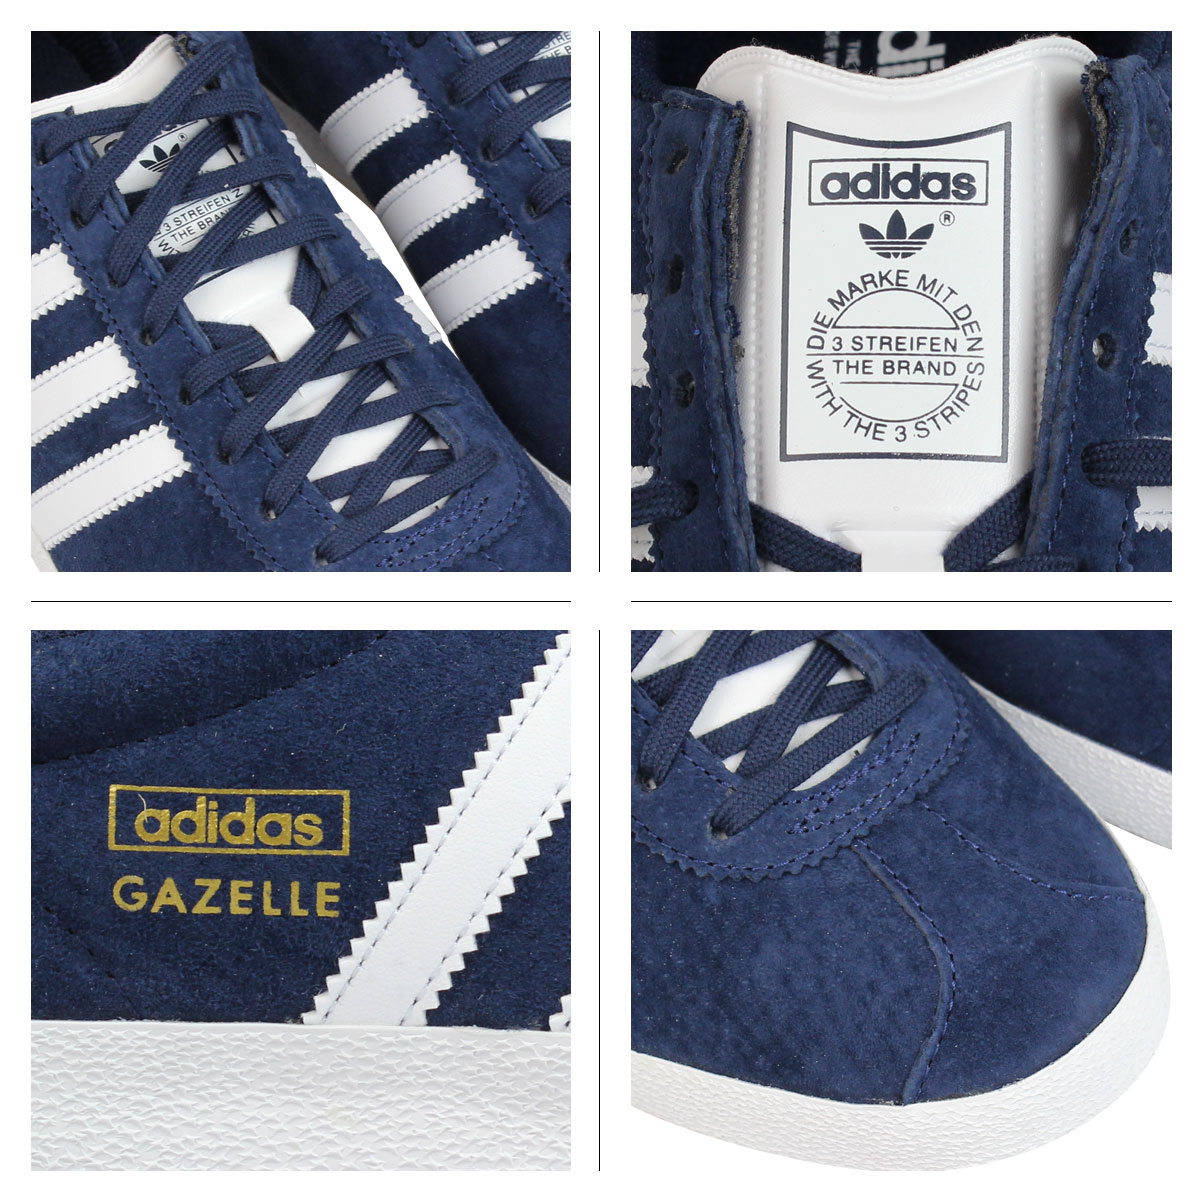 gazelle original adidas